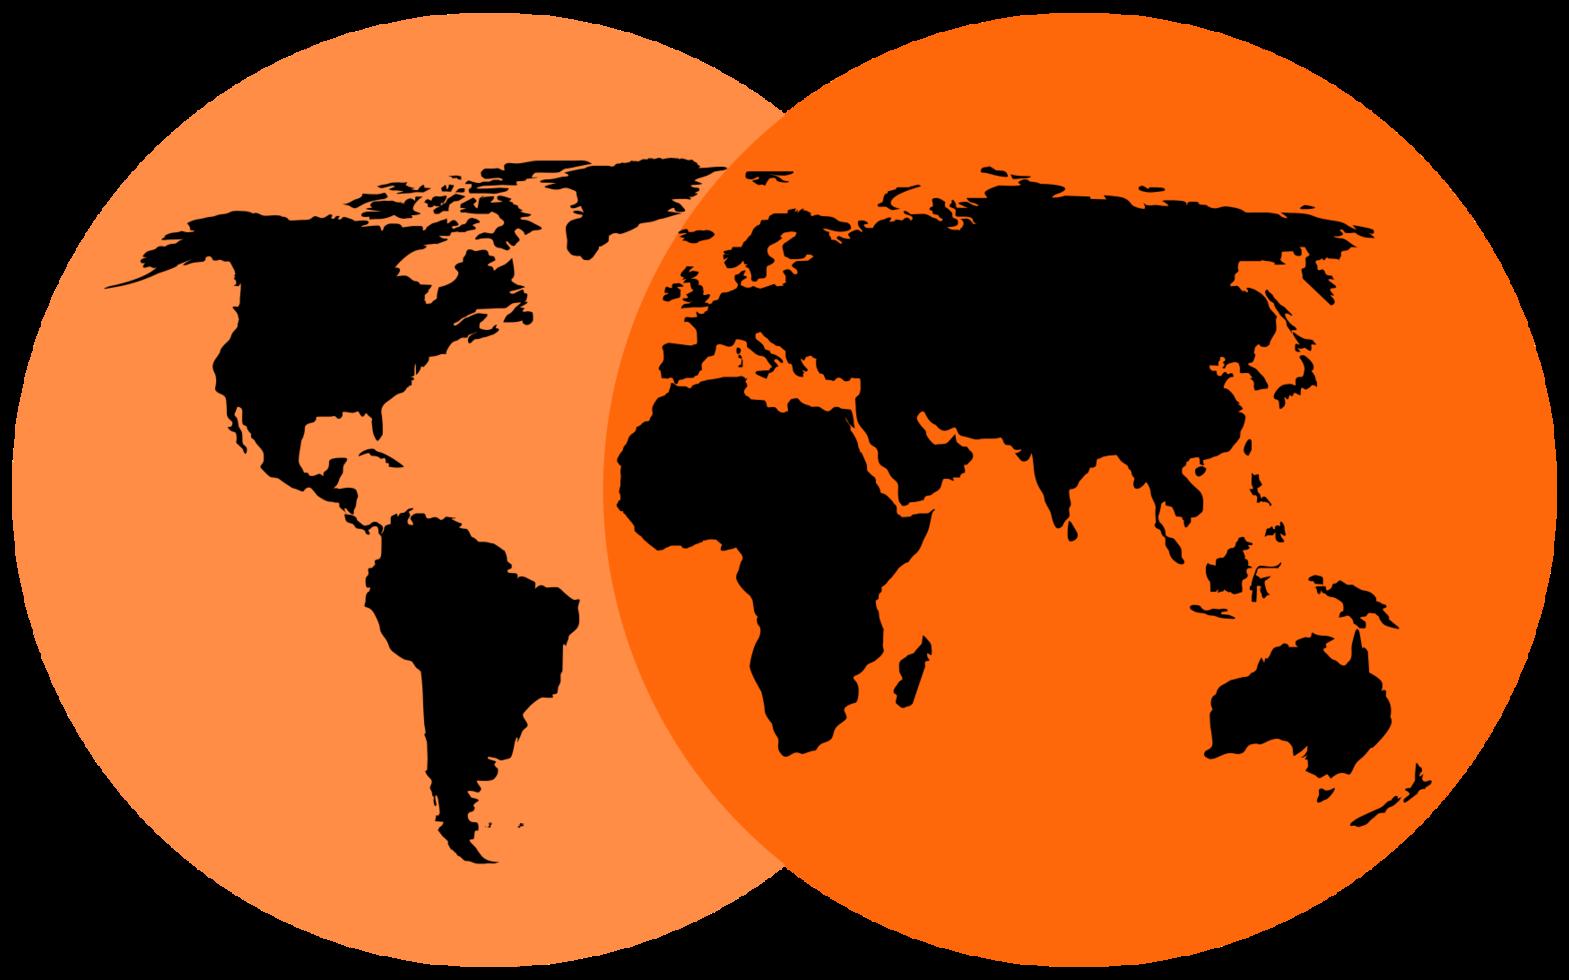 wereldkaart png